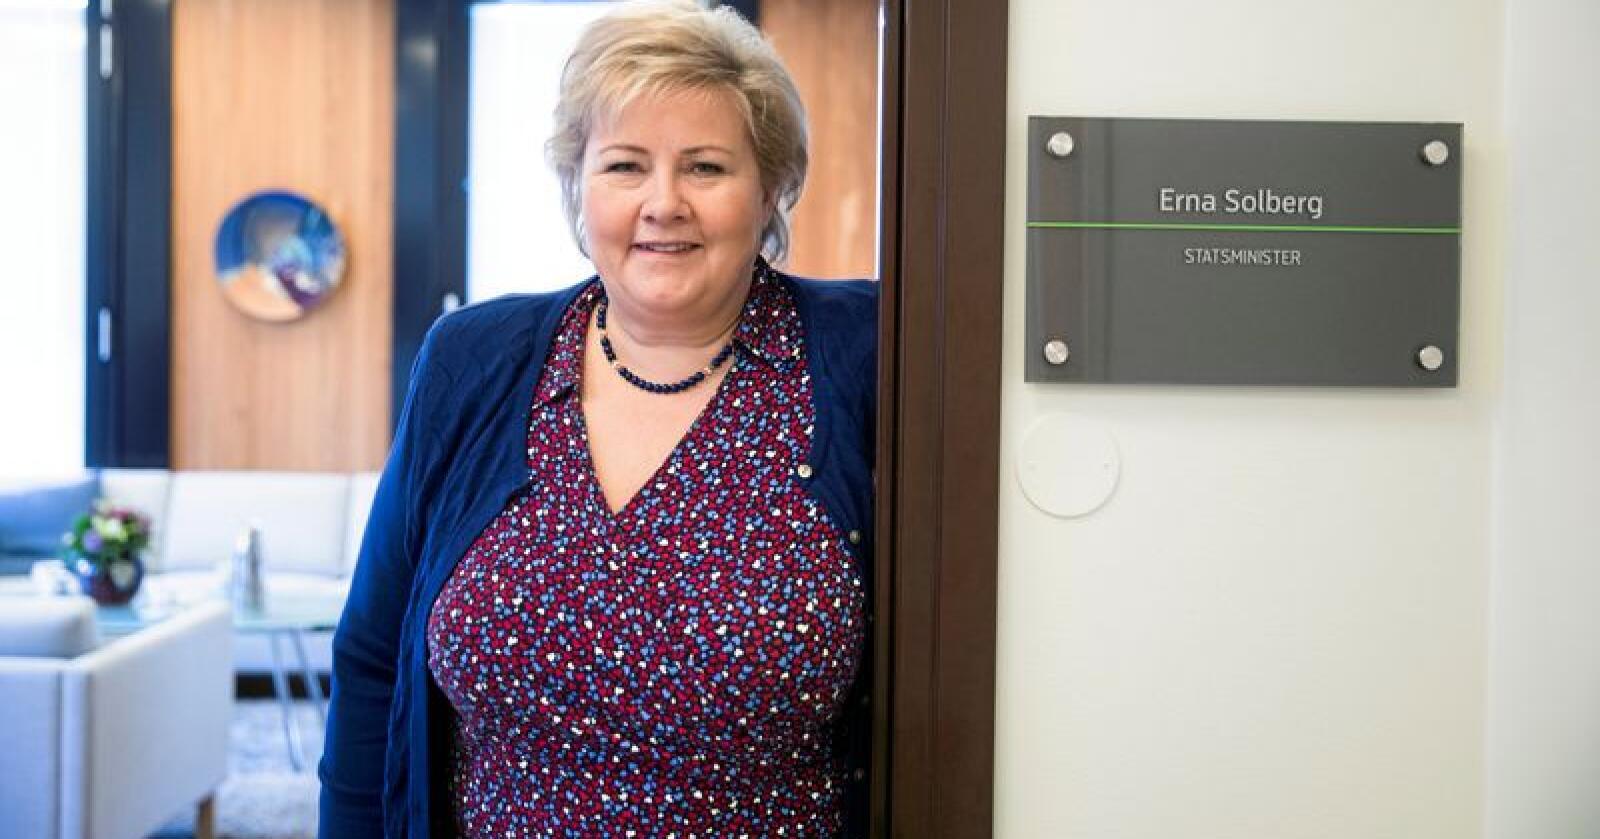 Statsminister Erna Solberg på statsministerens kontor. Foto: Berit Roald / NTB scanpix